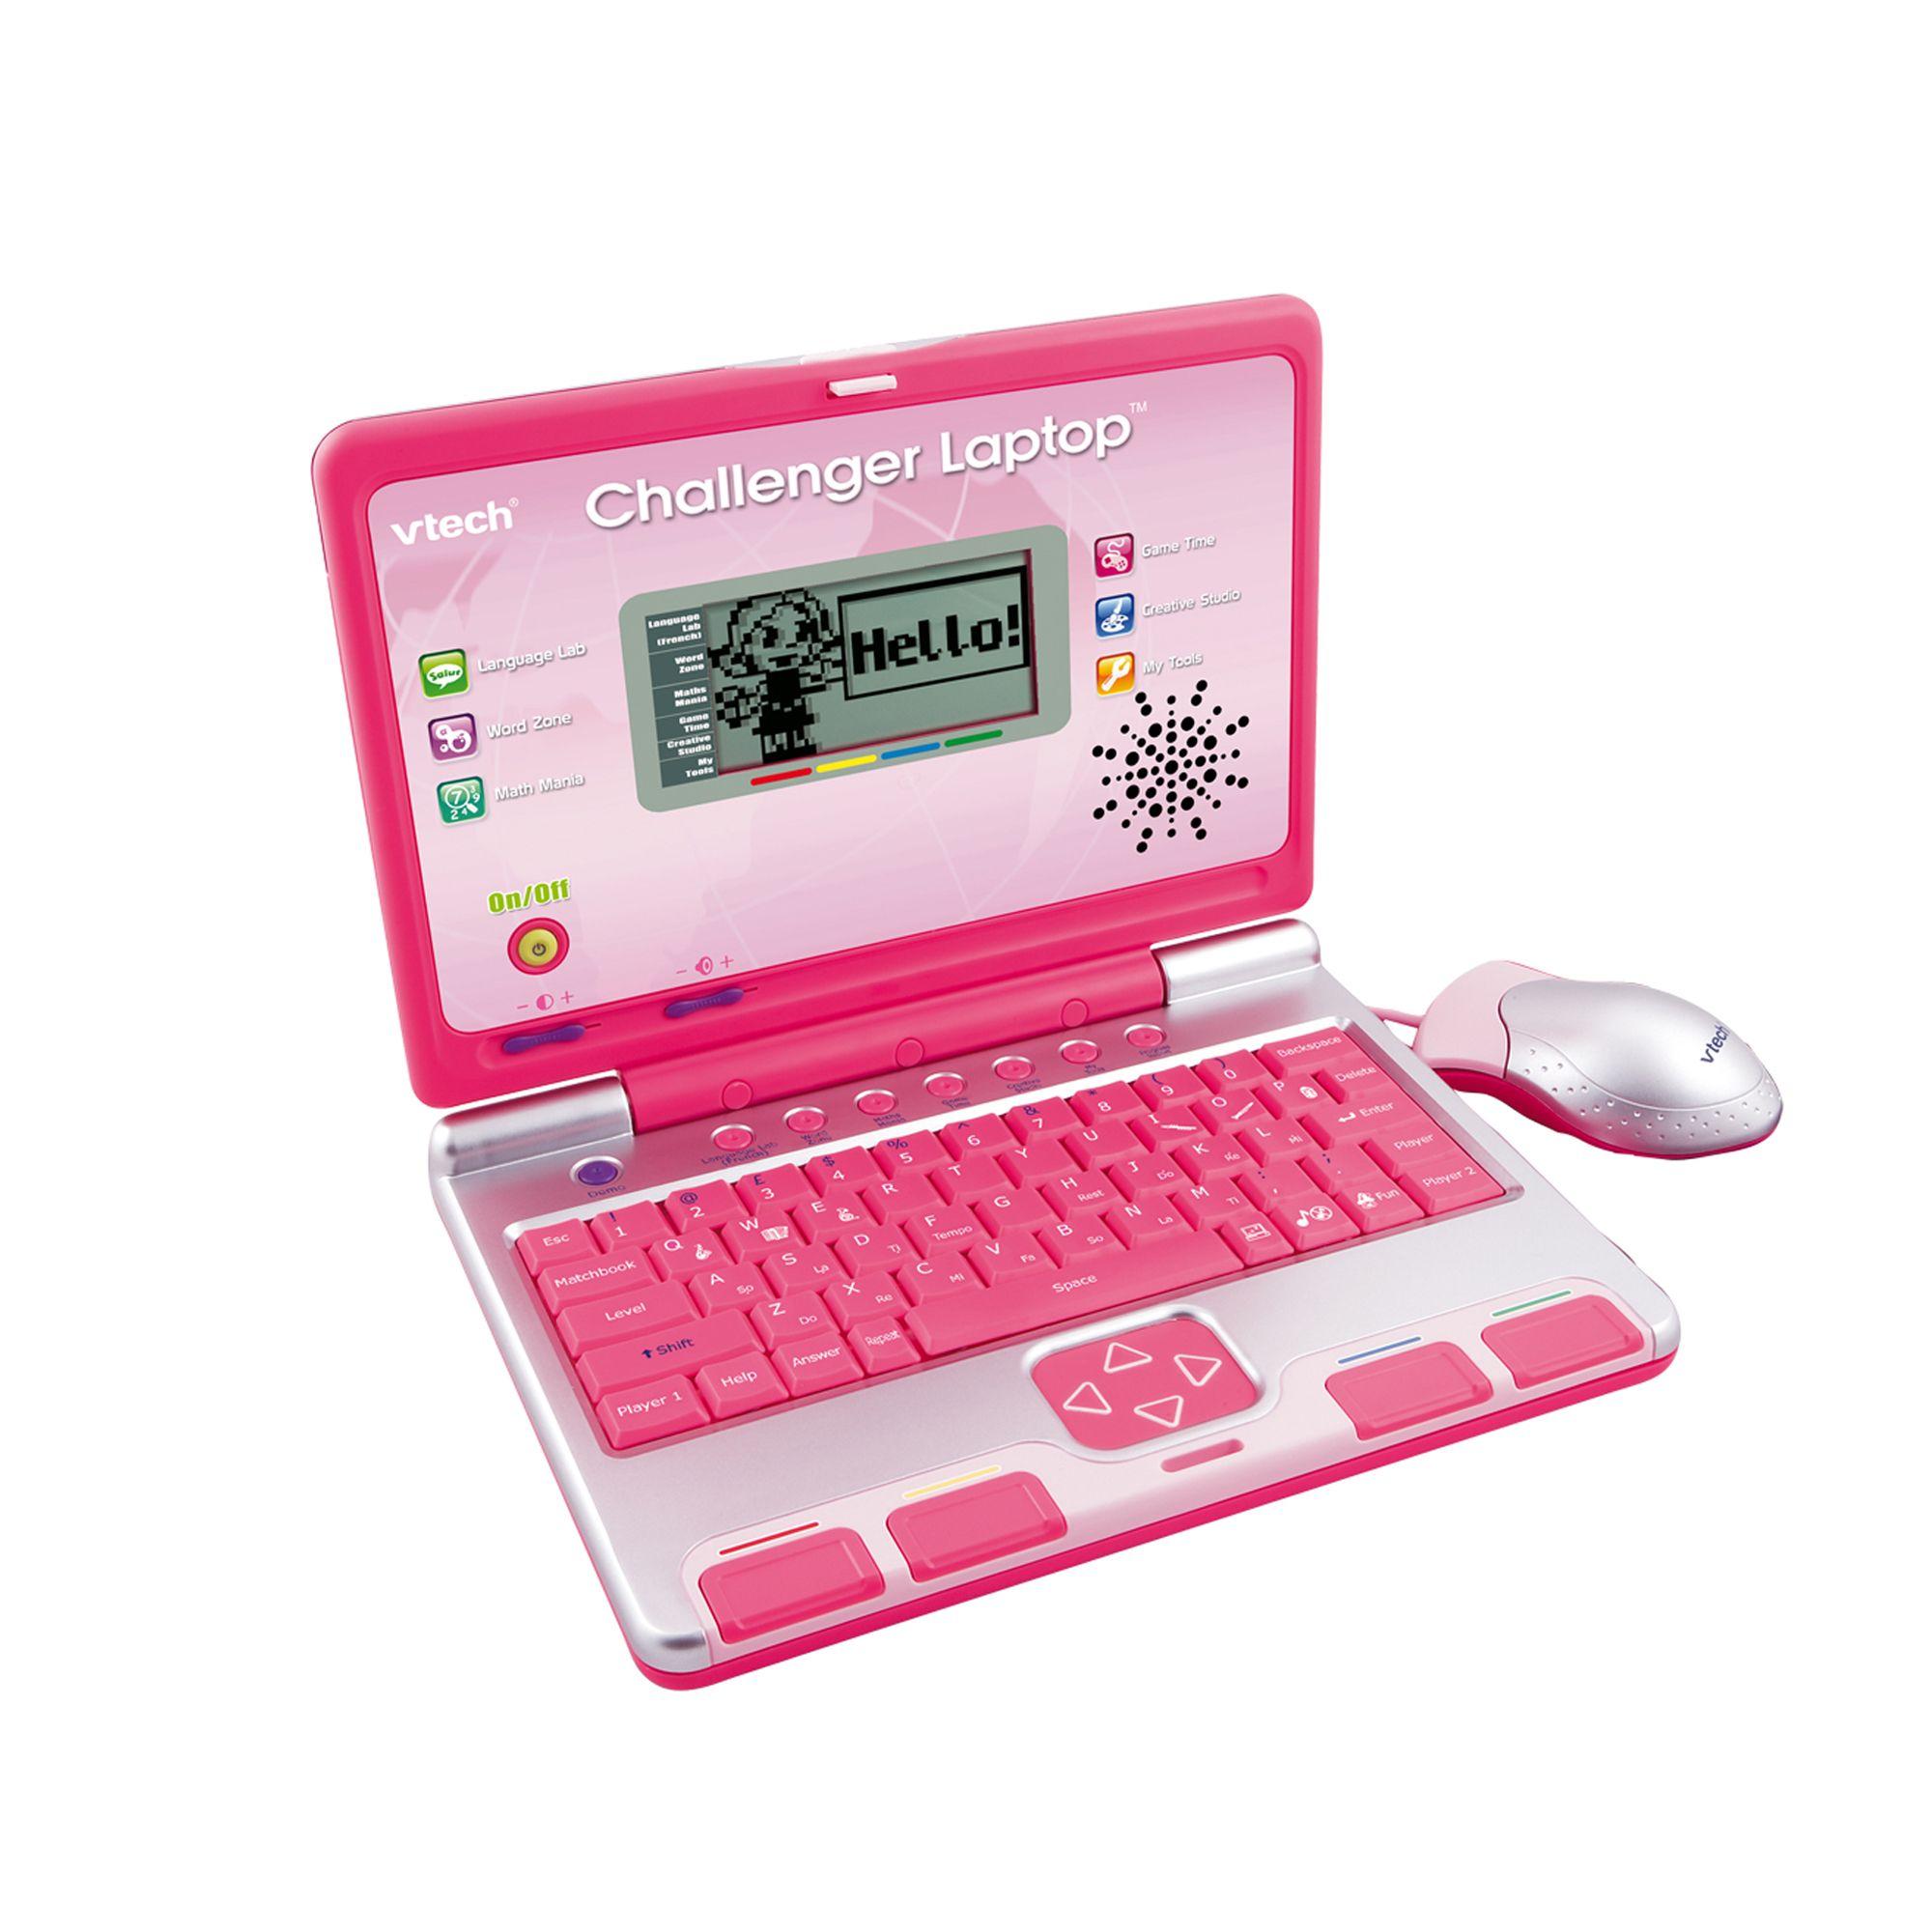 vtech Challenger Laptop Pink The VTech Challenger Laptop